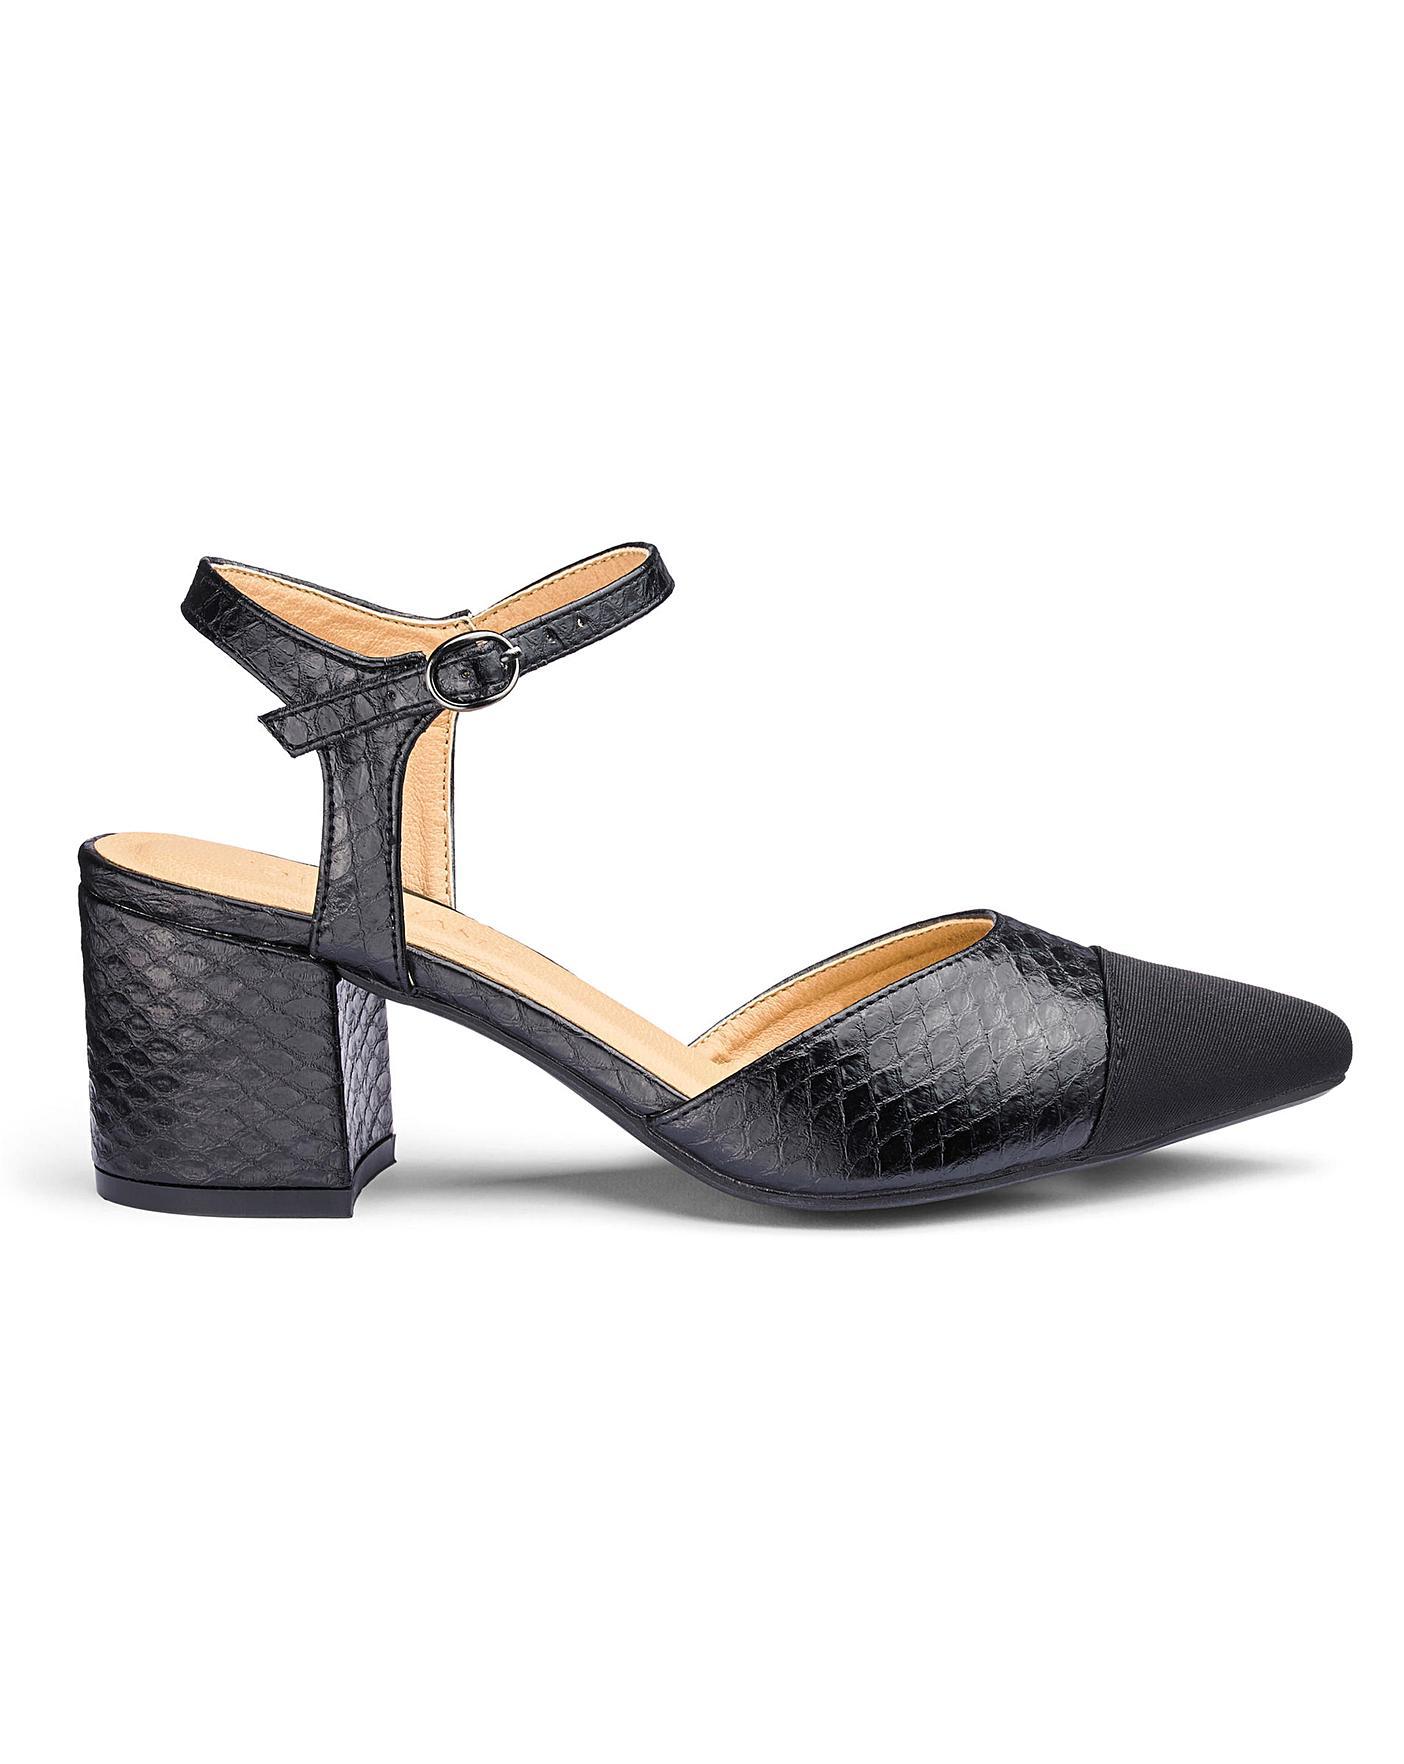 Block Heel Toe Cap Shoes EEE Fit